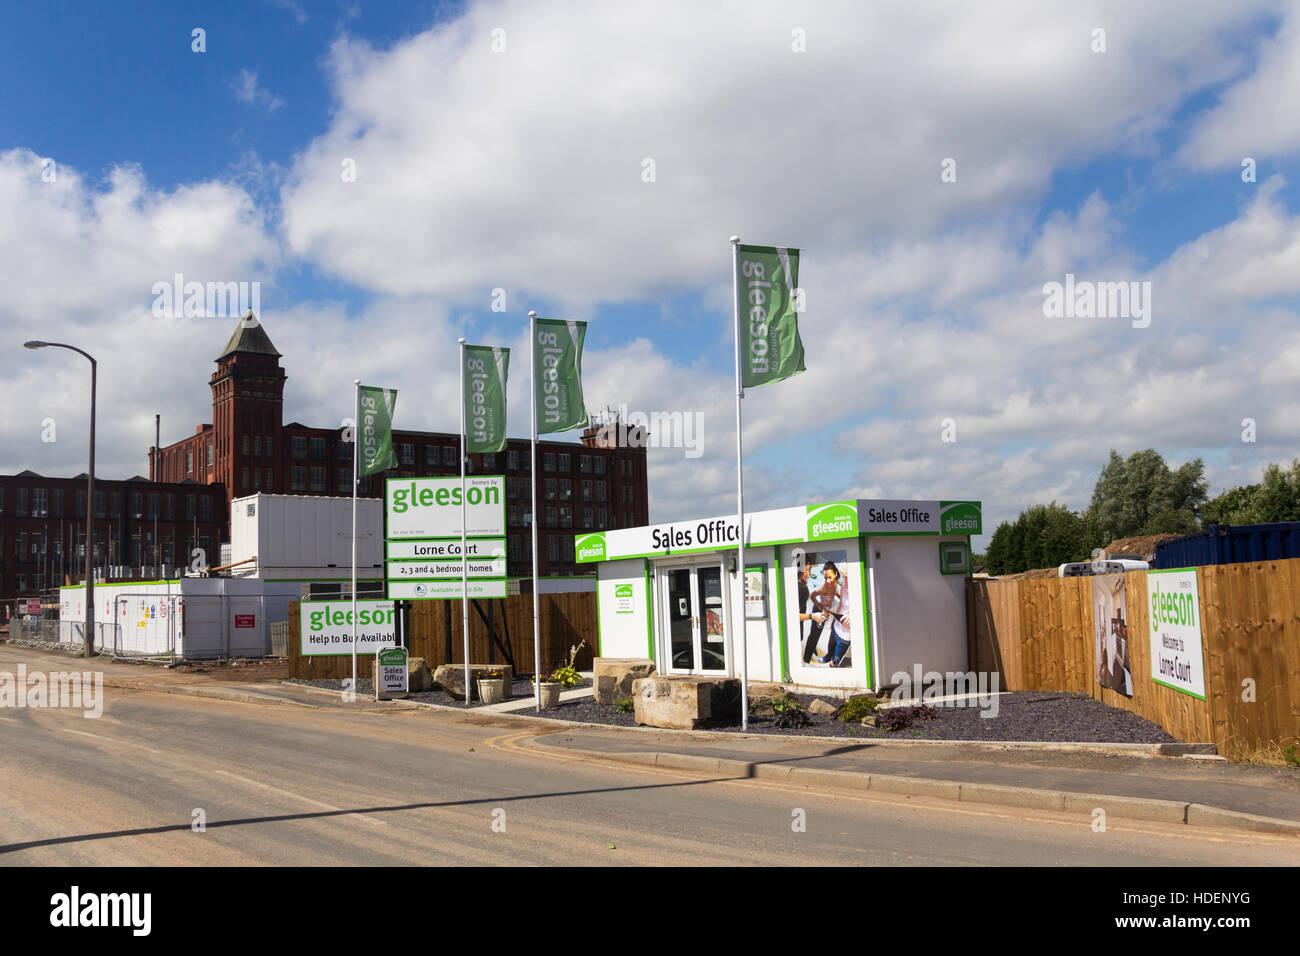 Lorne Gericht Wohnungsbau Im Farnworth, Einer Entwicklung Von 51 Neuen  Häusern Von Mj Gleeson Plc.